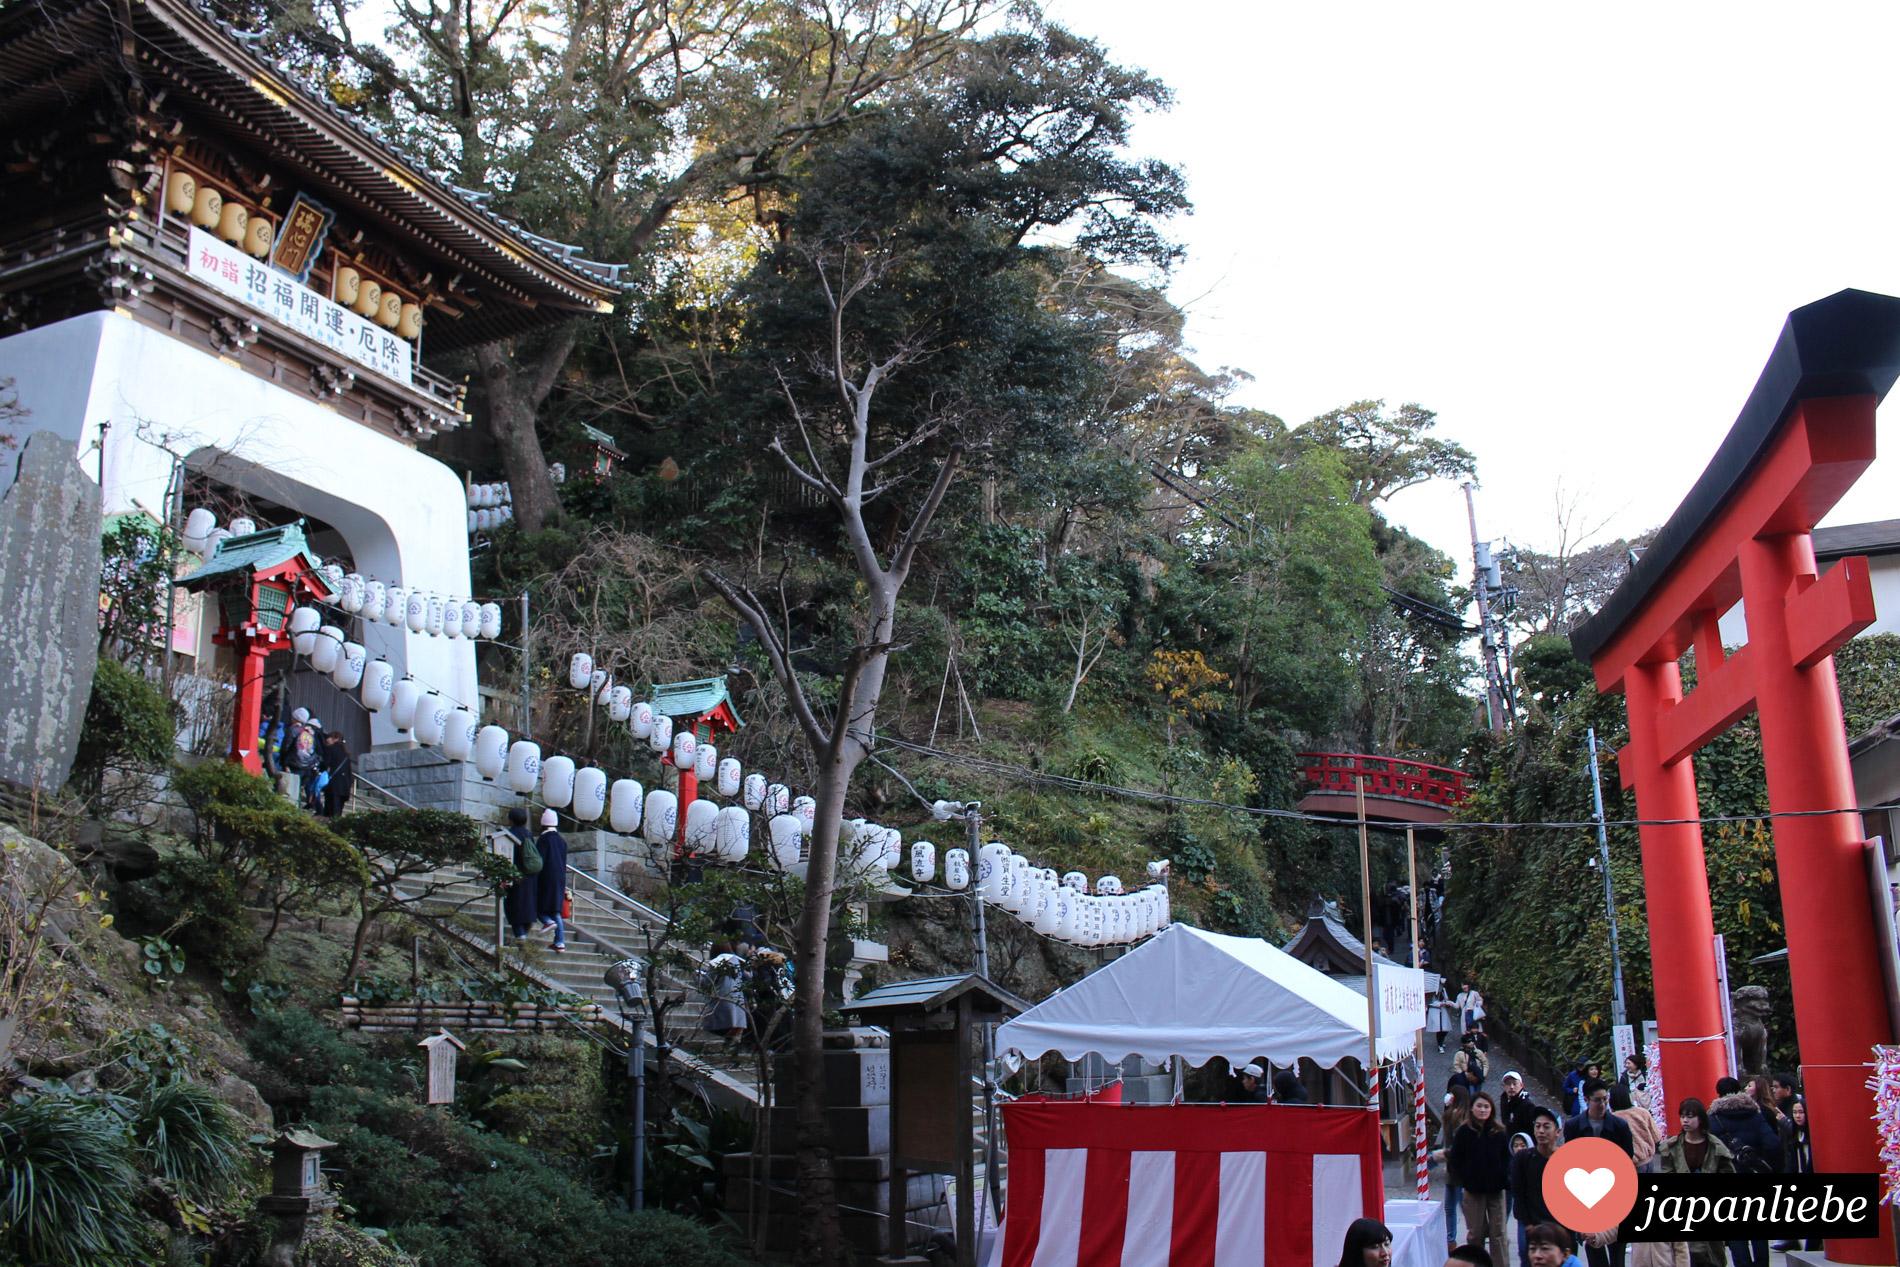 Das Wahrzeichen von Enoshima: das Zuishin-mon Tor.